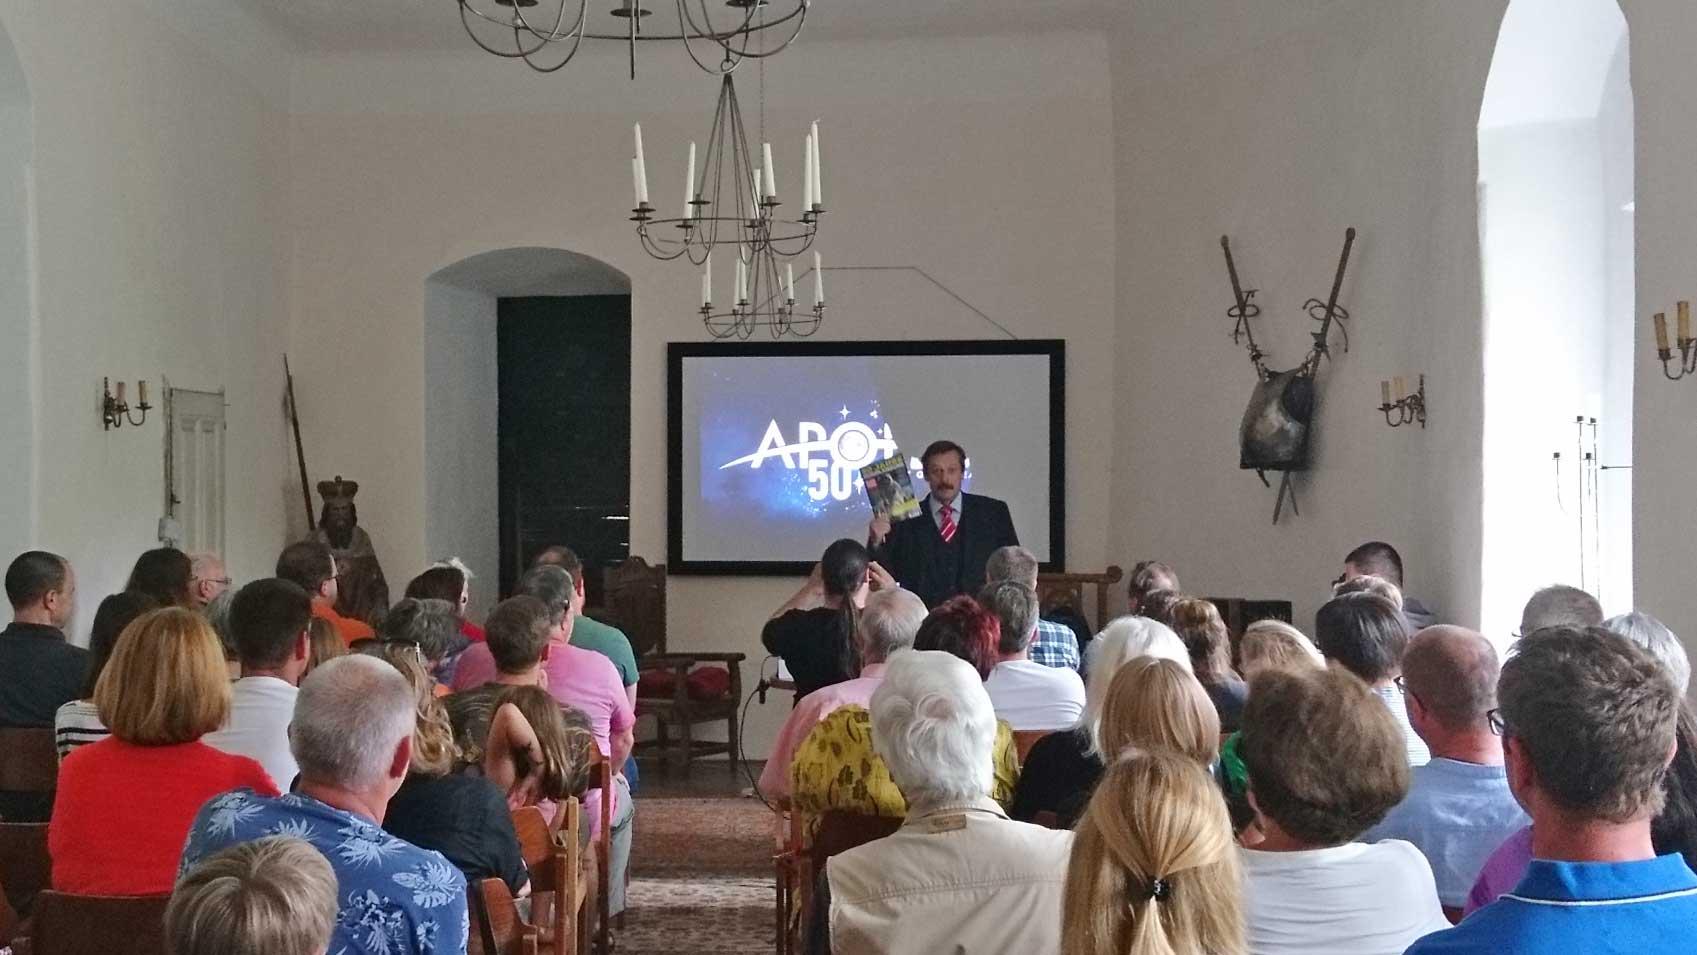 Vortrag von Werner Gruber: 50 Jahre Apollo